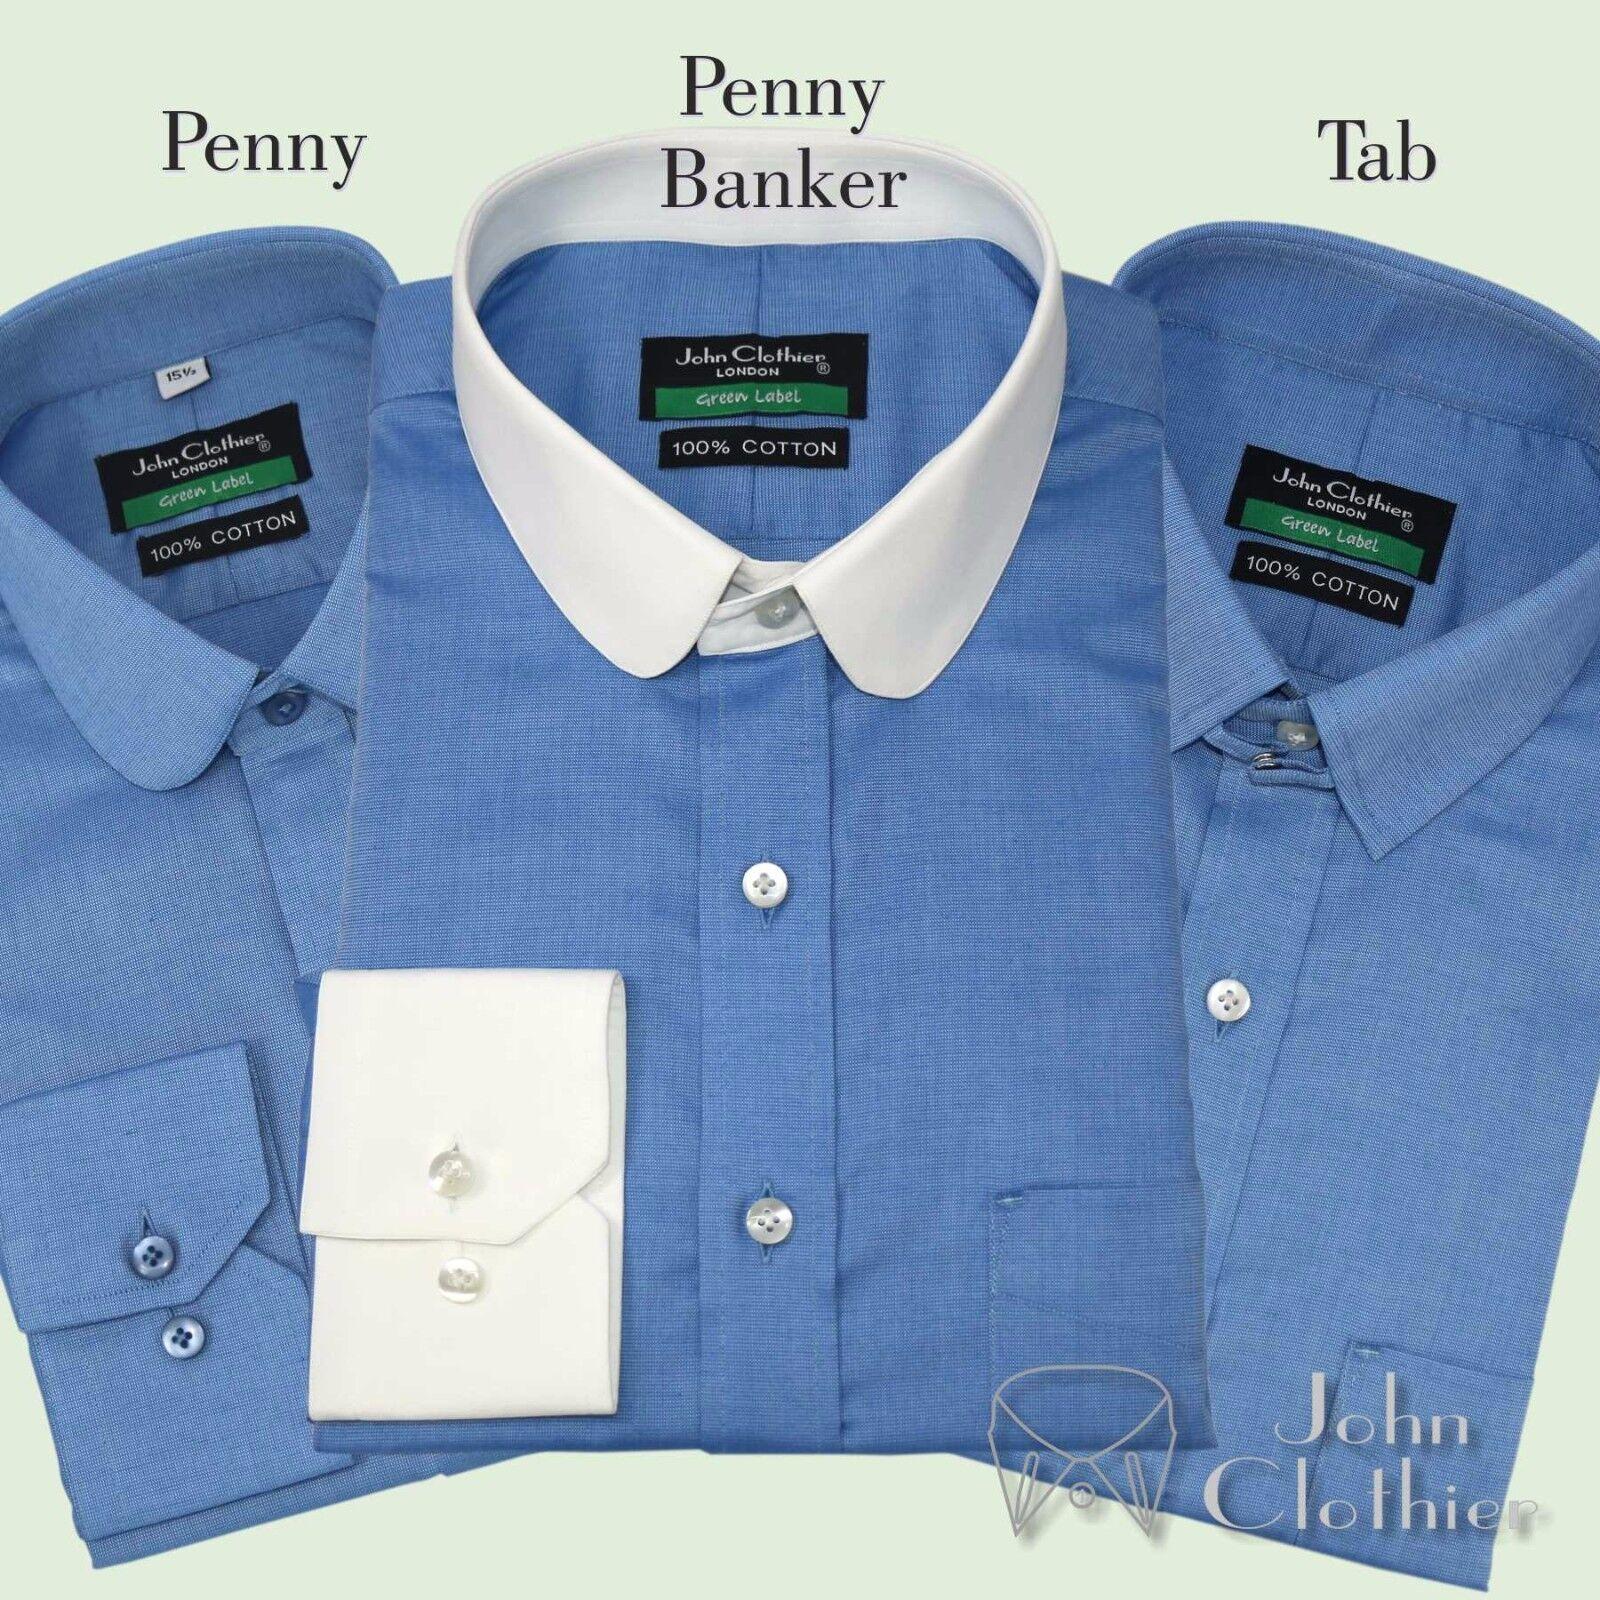 Herren Shirt Penny Kragen Tab Bankier- Blau Winzig Peaky Blinders Club Bond